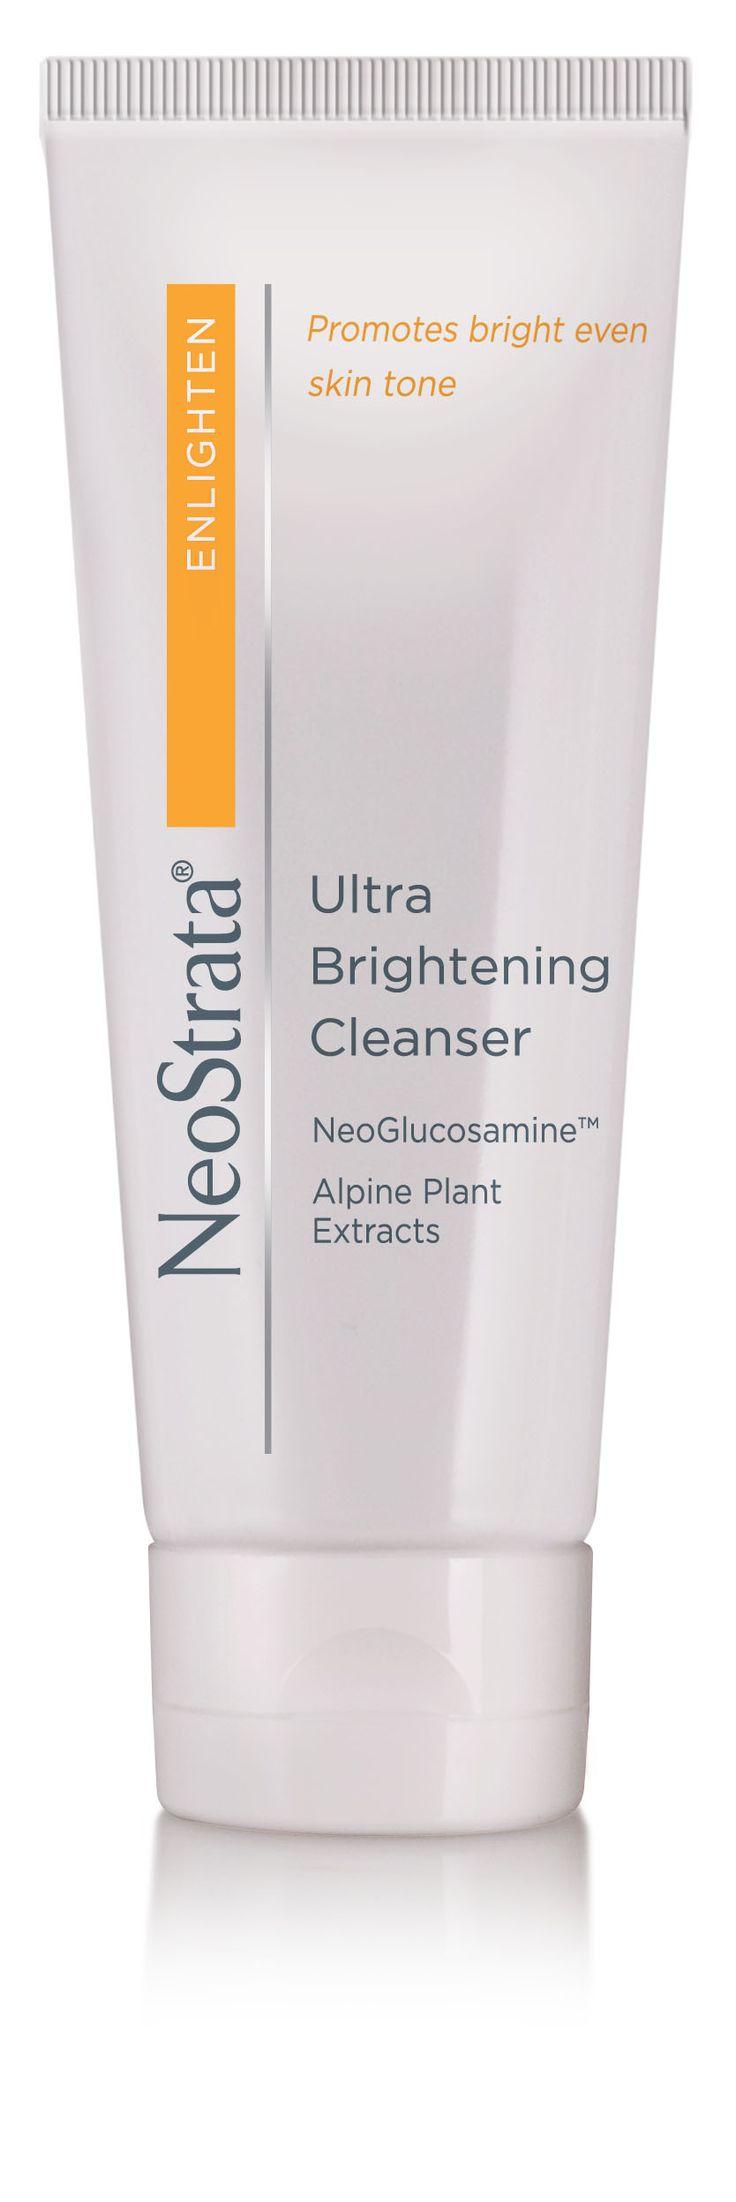 Gel Limpiador Facial: Es el primer paso para comenzar el régimen diario de la línea NeoStrata Enlighten, ayuda a preparar la piel para obtener máximos beneficios durante su uso.